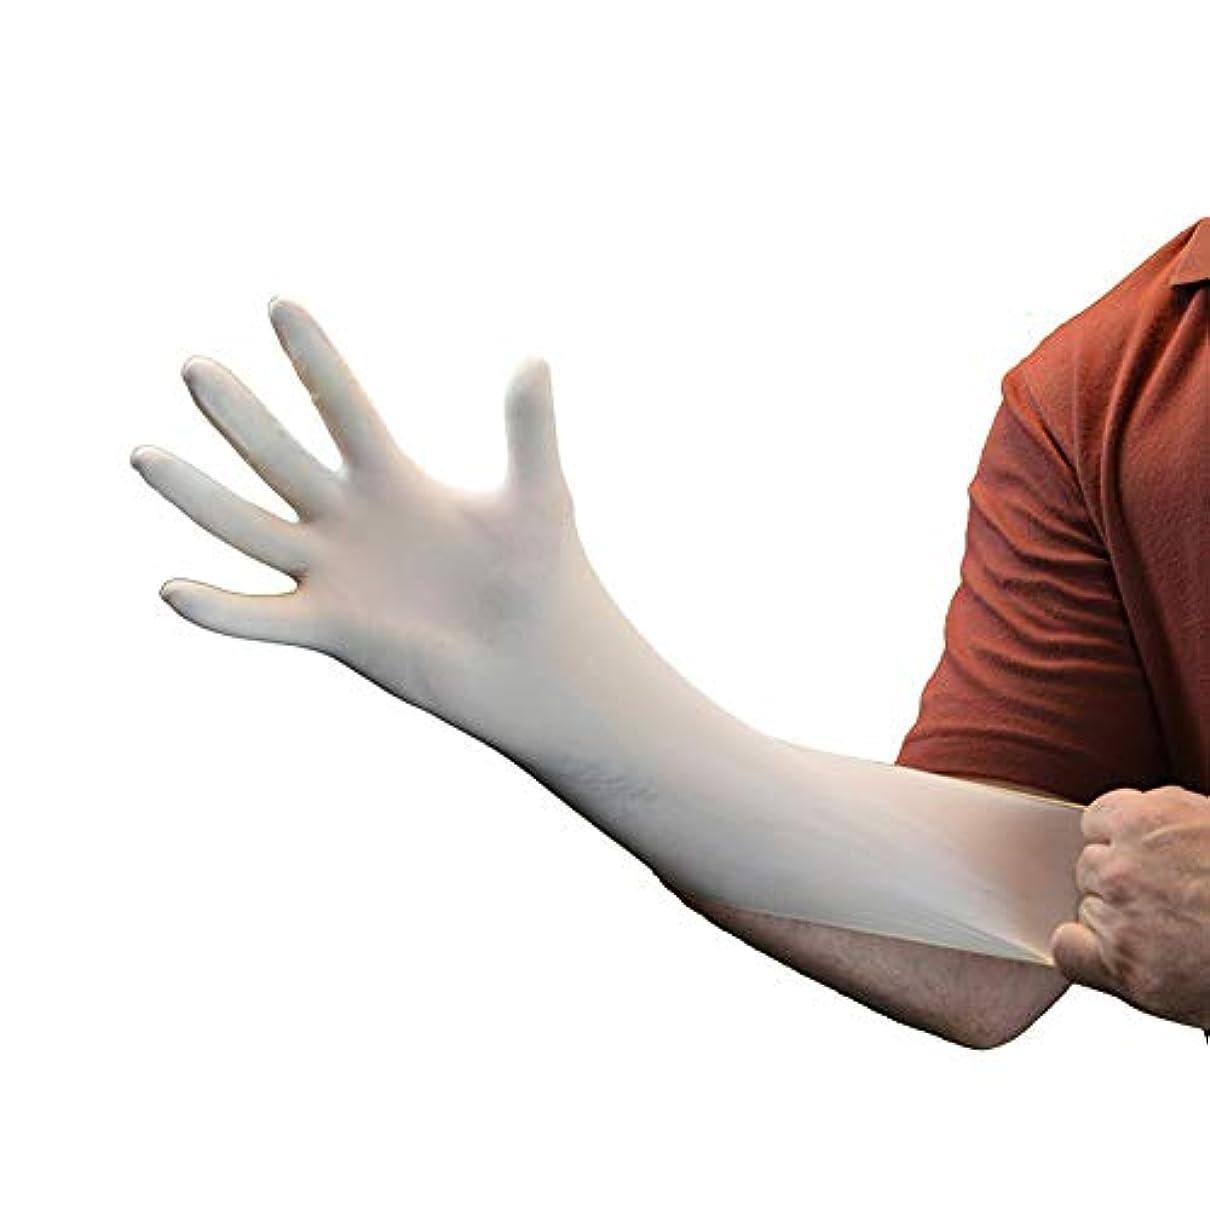 振る舞いカストディアン高度な使い捨てラテックス手袋 - パウダーフリーの歯科技工所労働保護製品をマッサージ YANW (Color : White, Size : XS)